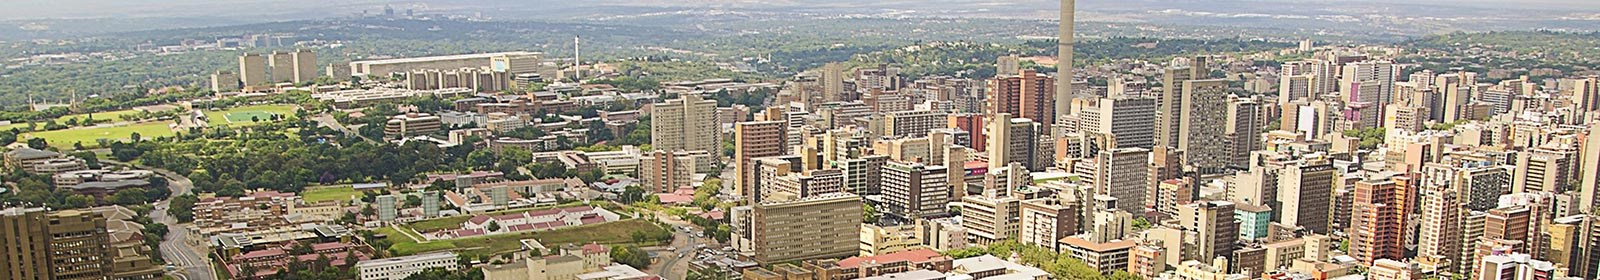 Five top picks for buy-to-let investors in Gauteng